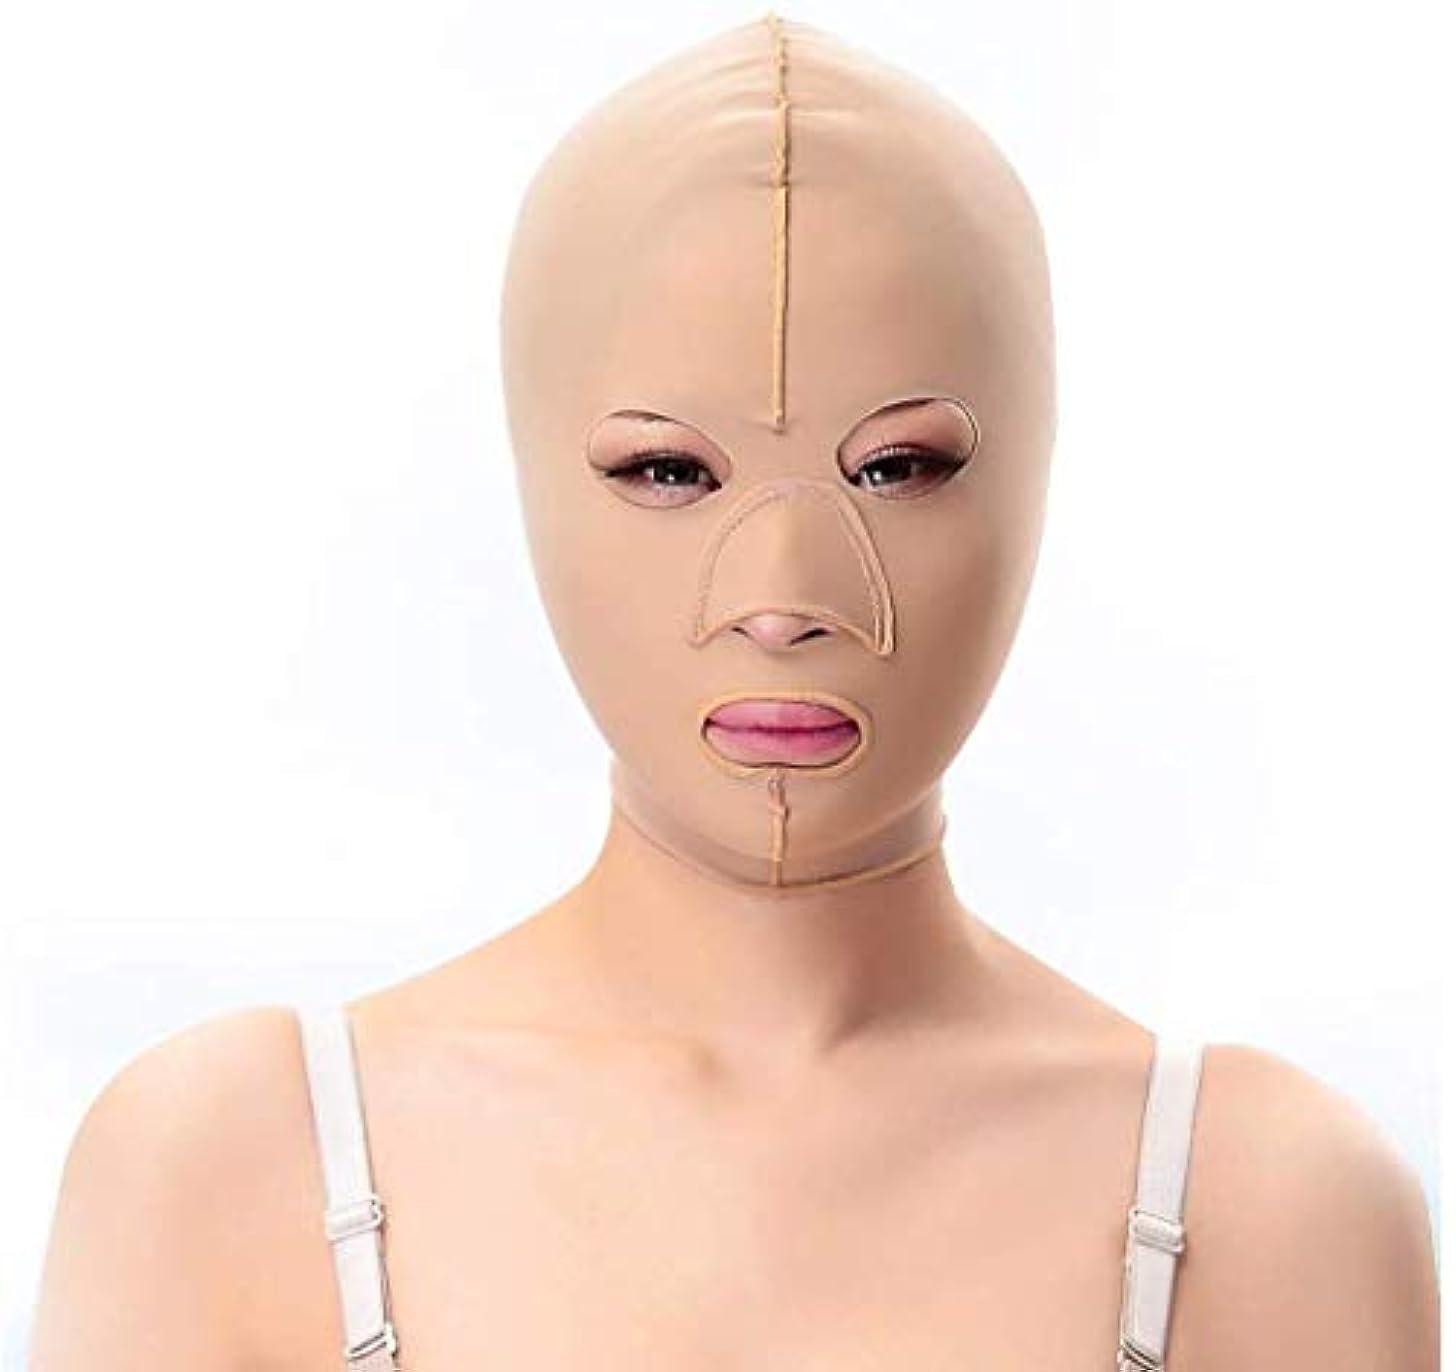 省略群集インディカ美と実用的なSlim身ベルト、フェイシャルマスク薄い顔マスクを布パターンを持ち上げるダブルあご引き締め顔プラスチック顔アーティファクト強力な顔包帯(サイズ:XXL)